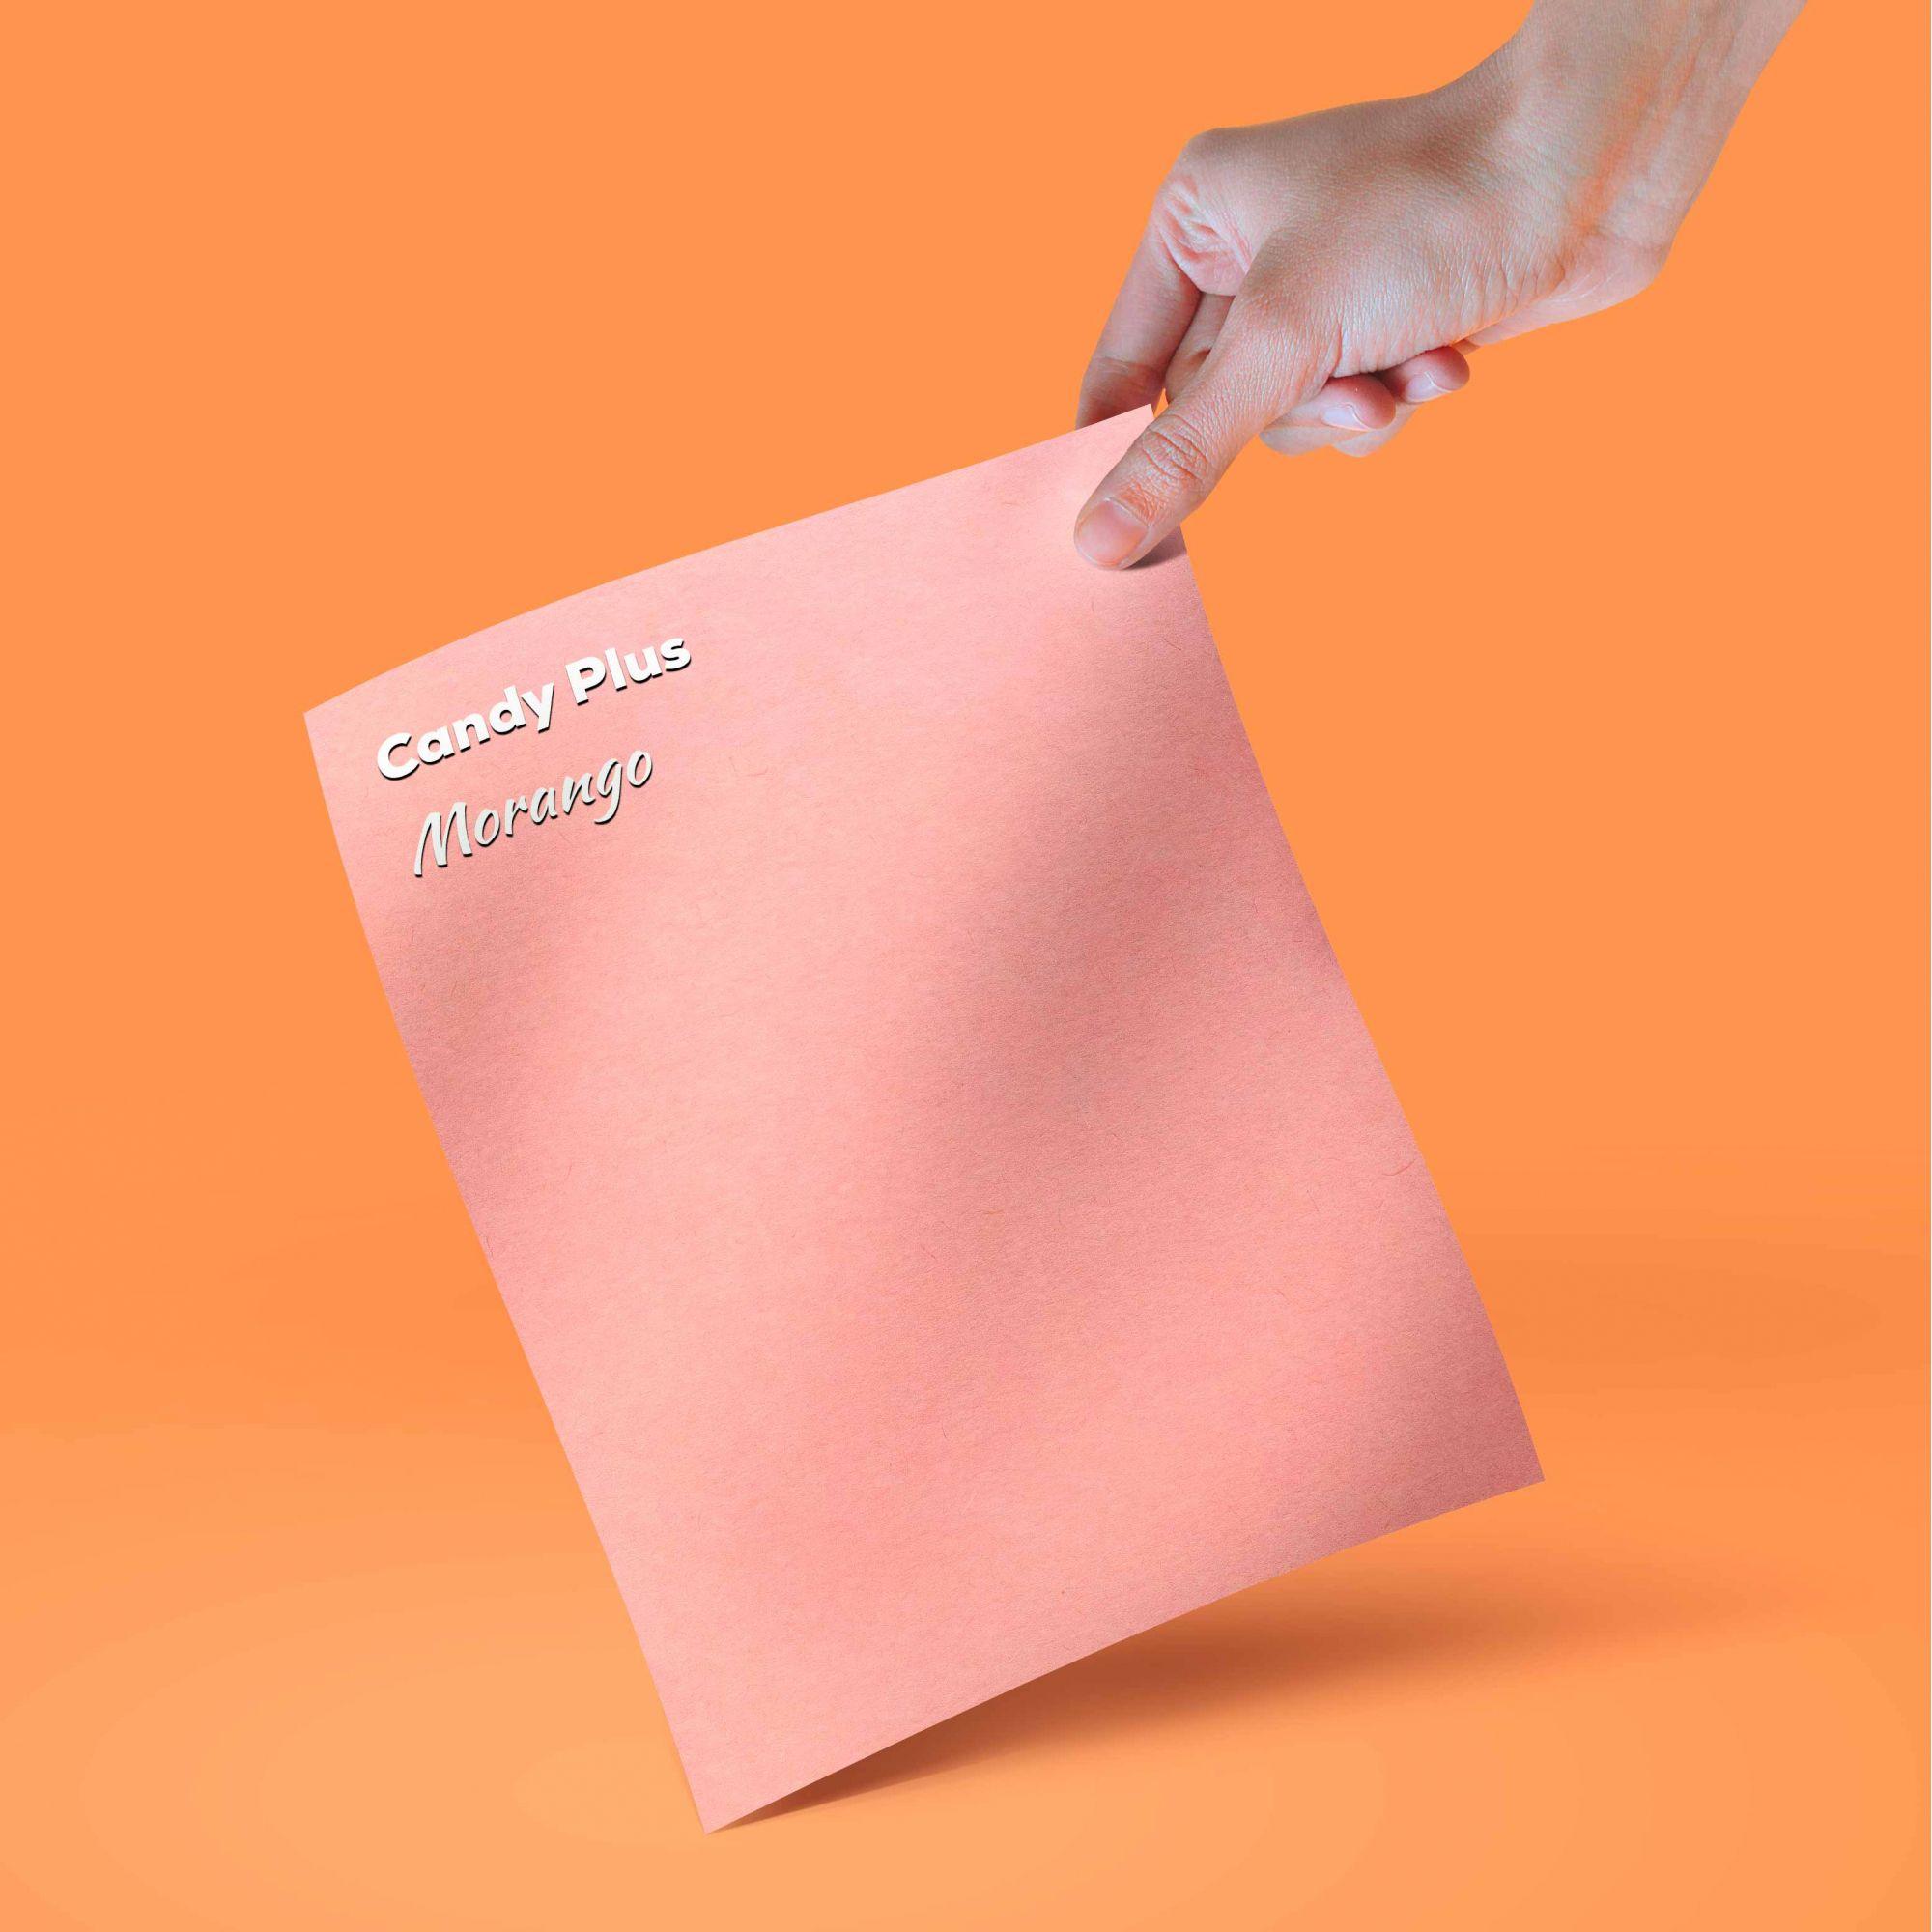 Candy Plus - Morango -  rosa  - Tam. A4 - 180g/m² - 20 folhas